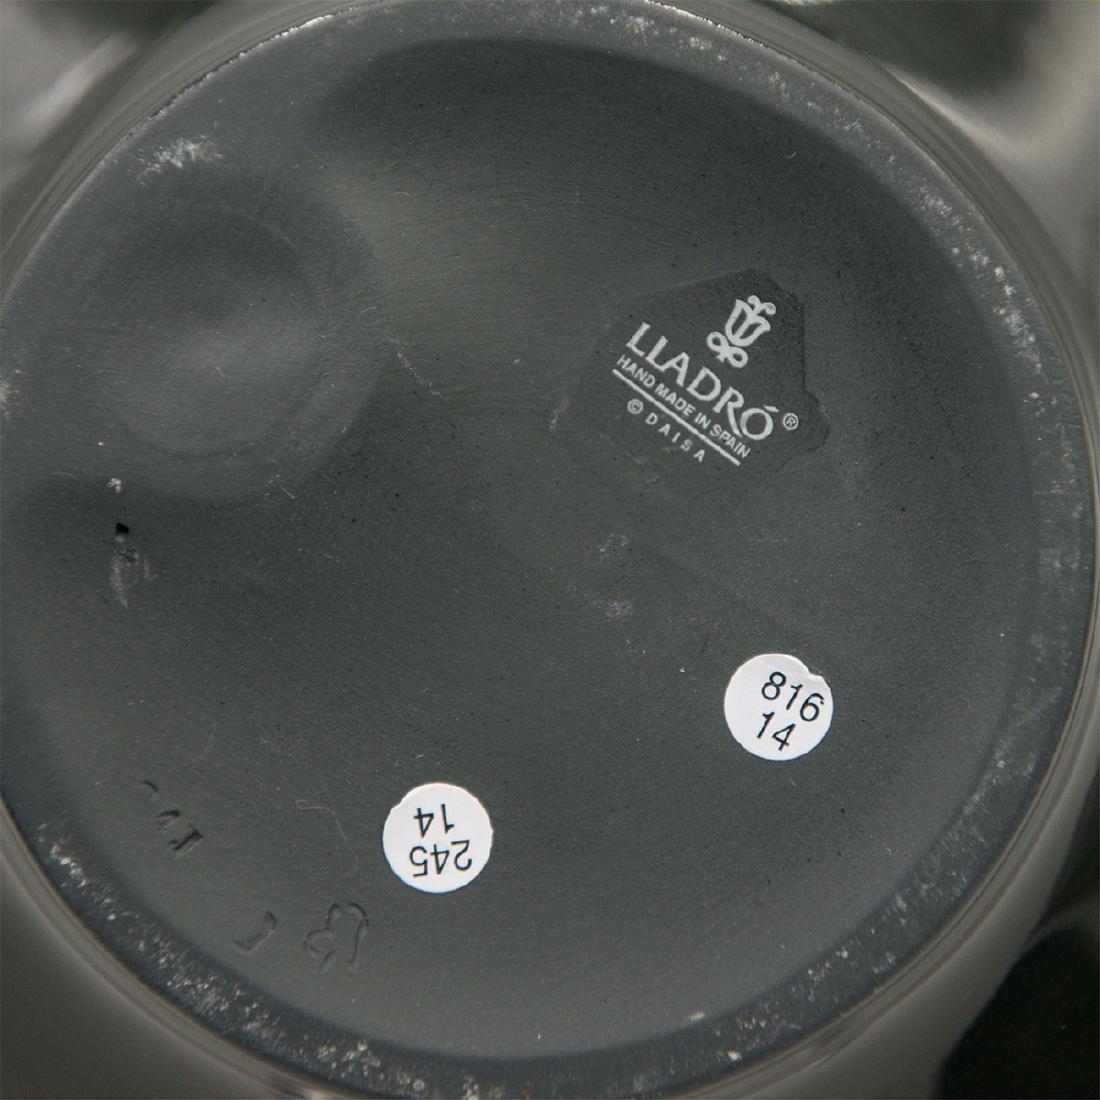 LLADRO NATUROFANTASTIC BLACK APPETIZER PLATE DISH - 3